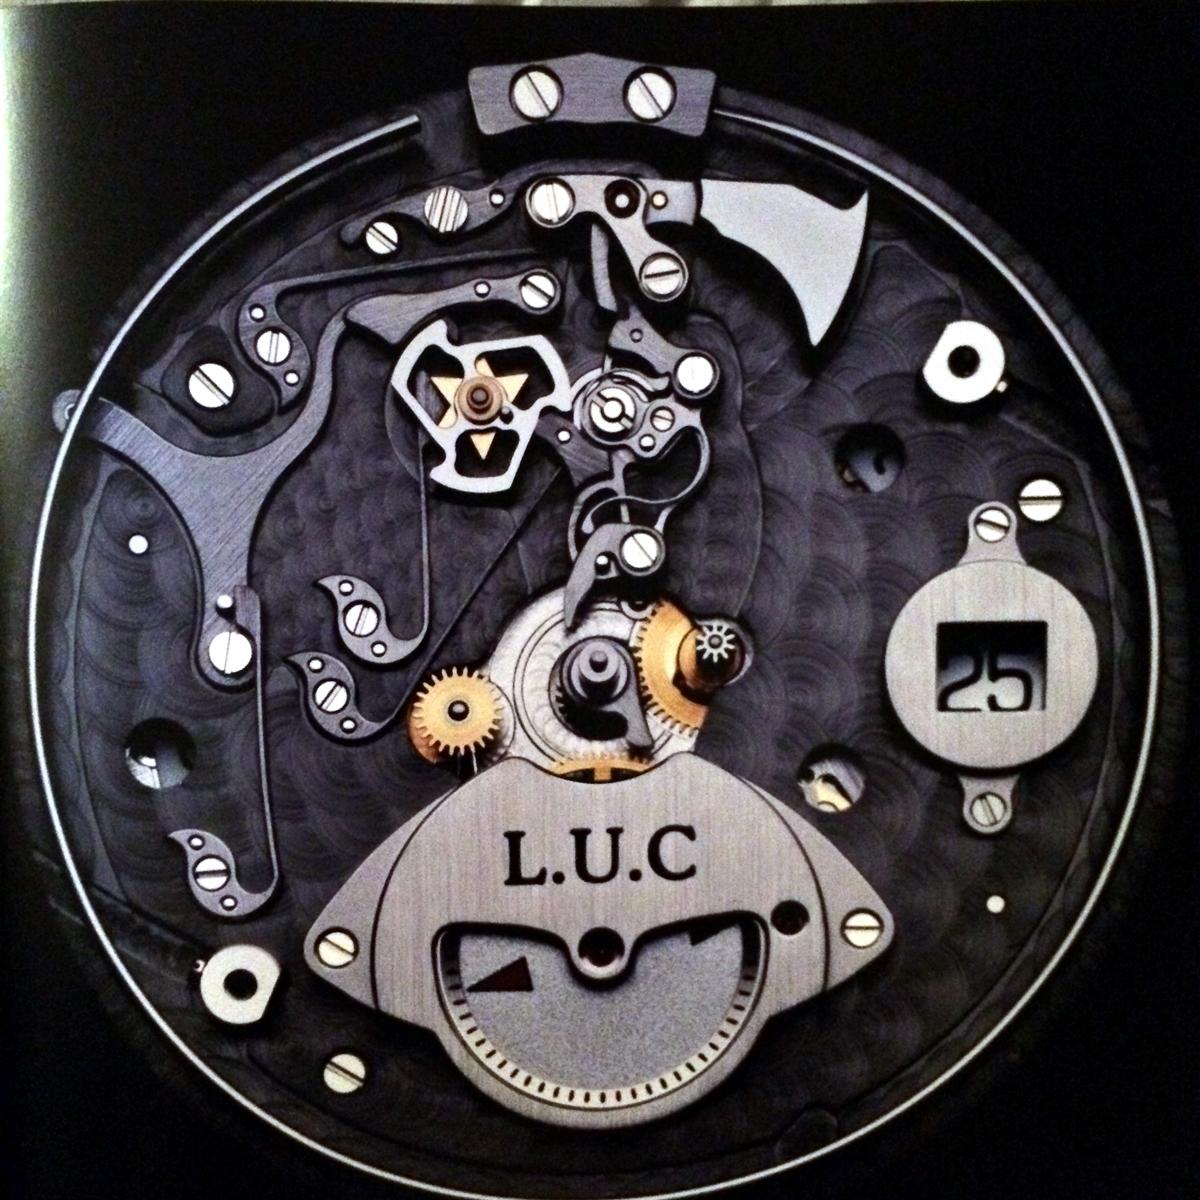 16 luxurious_watch_design_clockworks_construction_luksusowe_zegarki_mechanizm_projektowanie_lifestyle